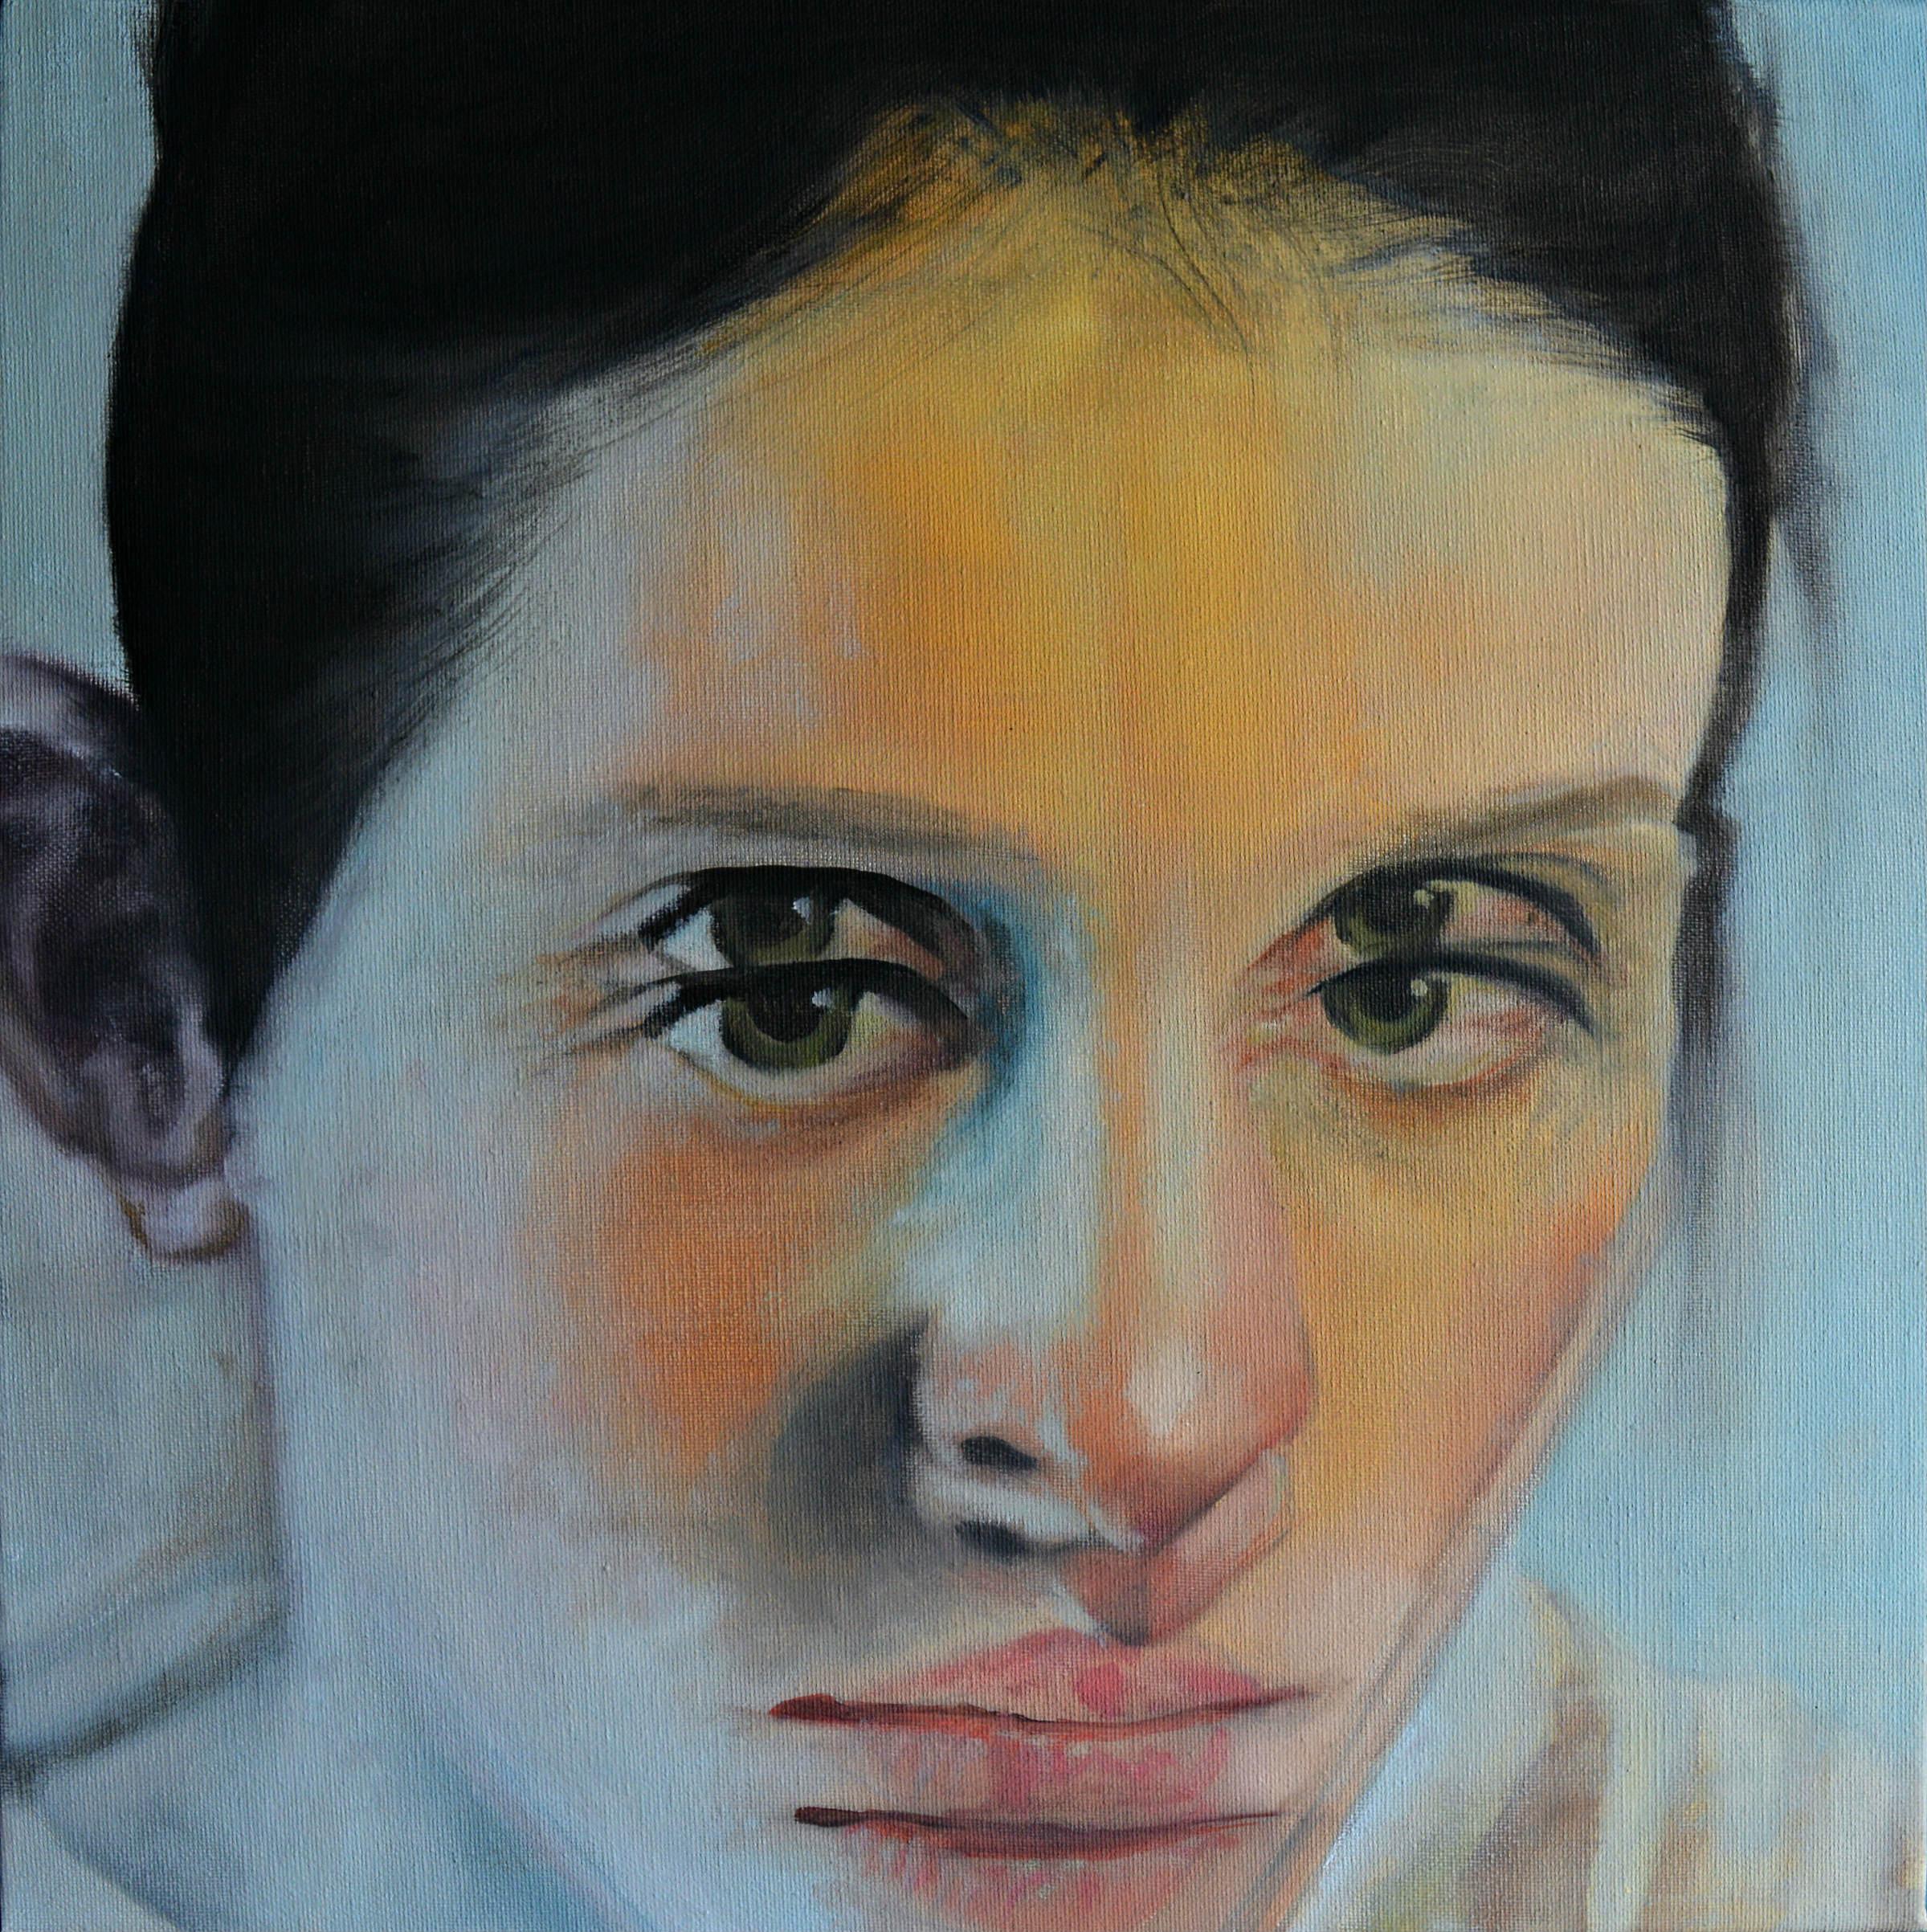 Dimitris Vavouras, Doppelgänger, 2017, oil on canvas, 40x40 cm